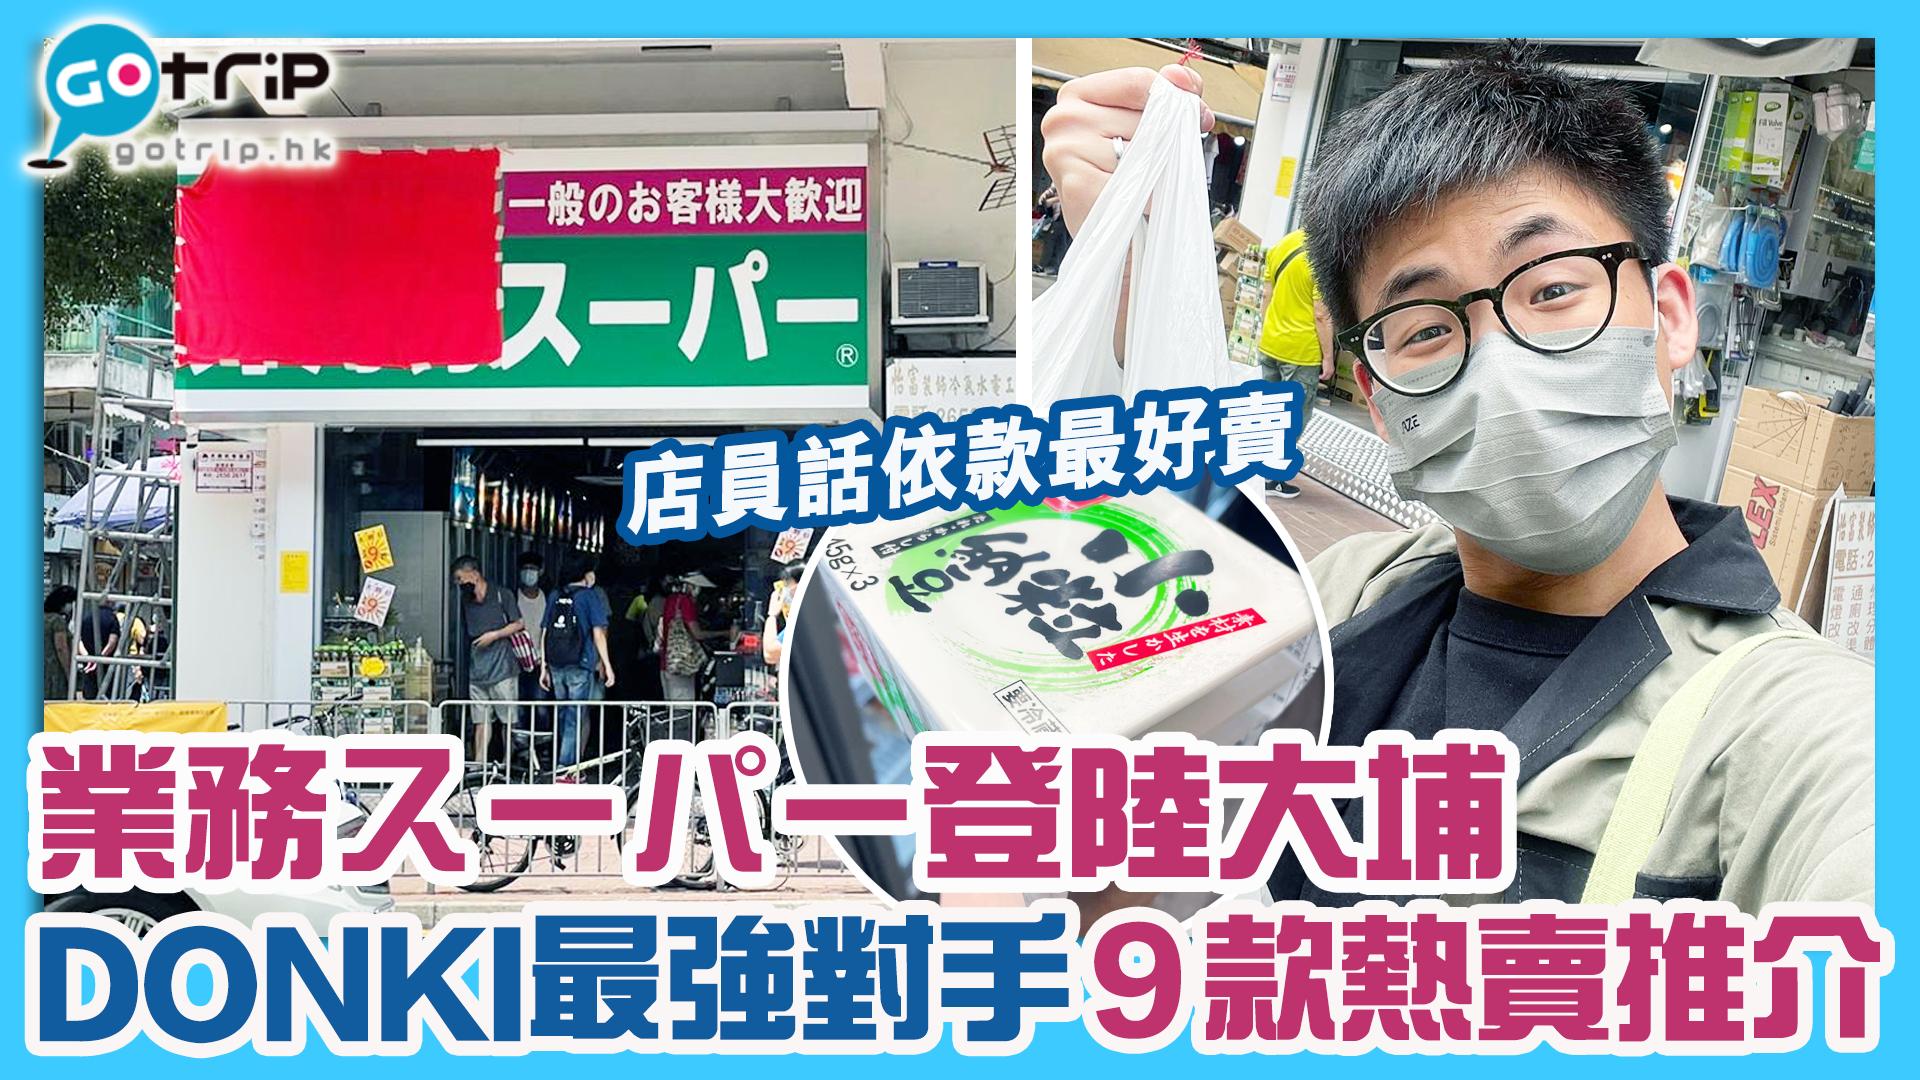 大埔業務超市 香港首間業務超市登陸大埔 !編輯直擊推介9大必買商品